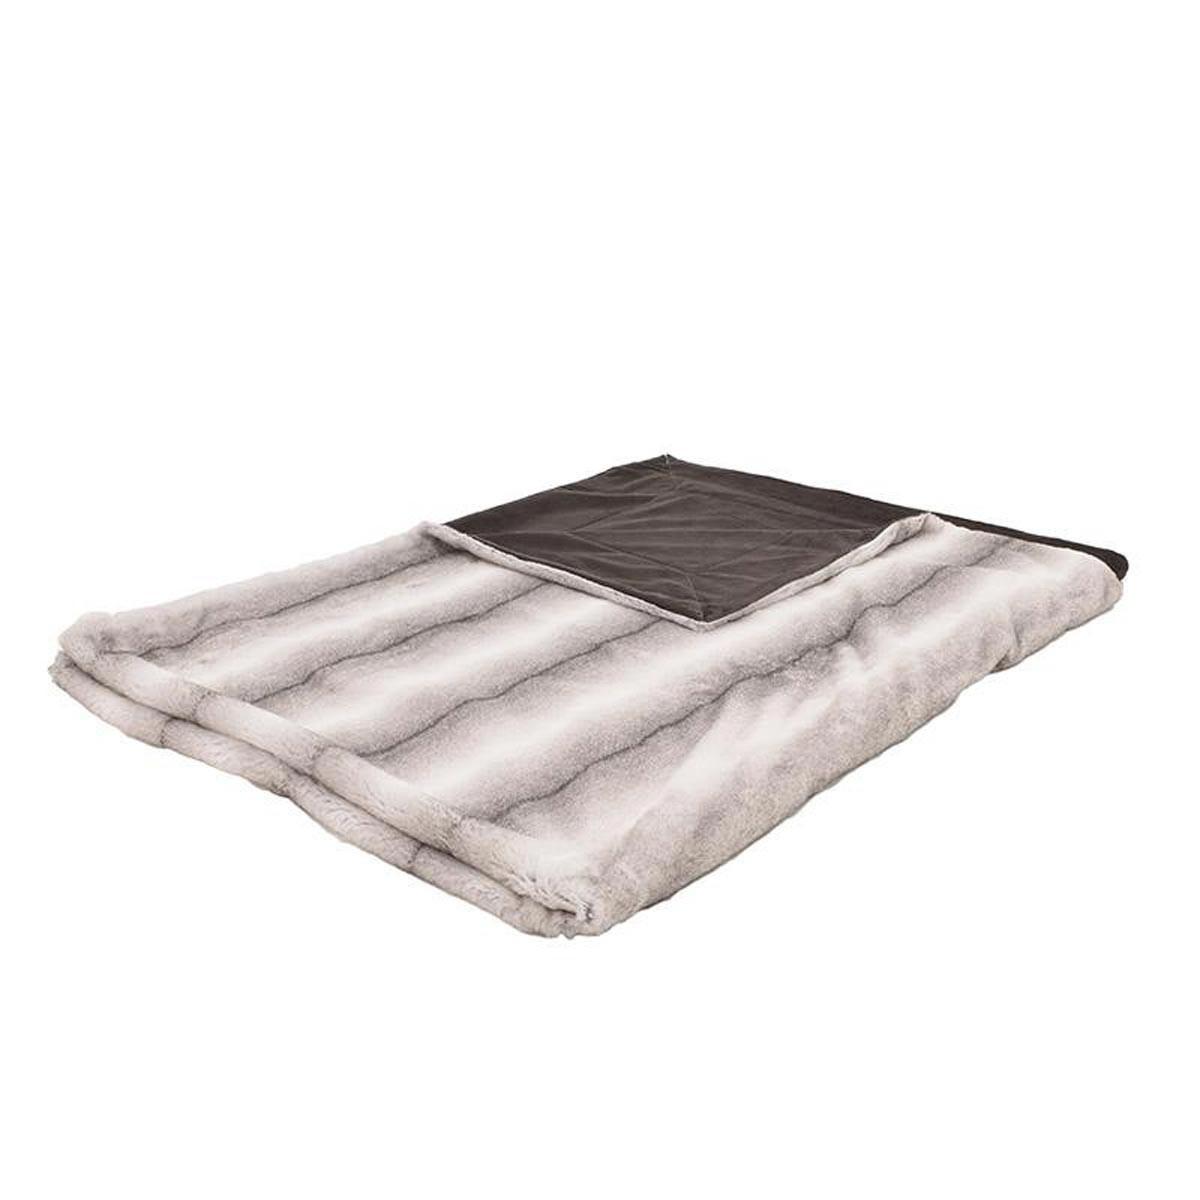 Διακοσμητικό Ριχτάρι (150x180) InArt 3-40-575-0335